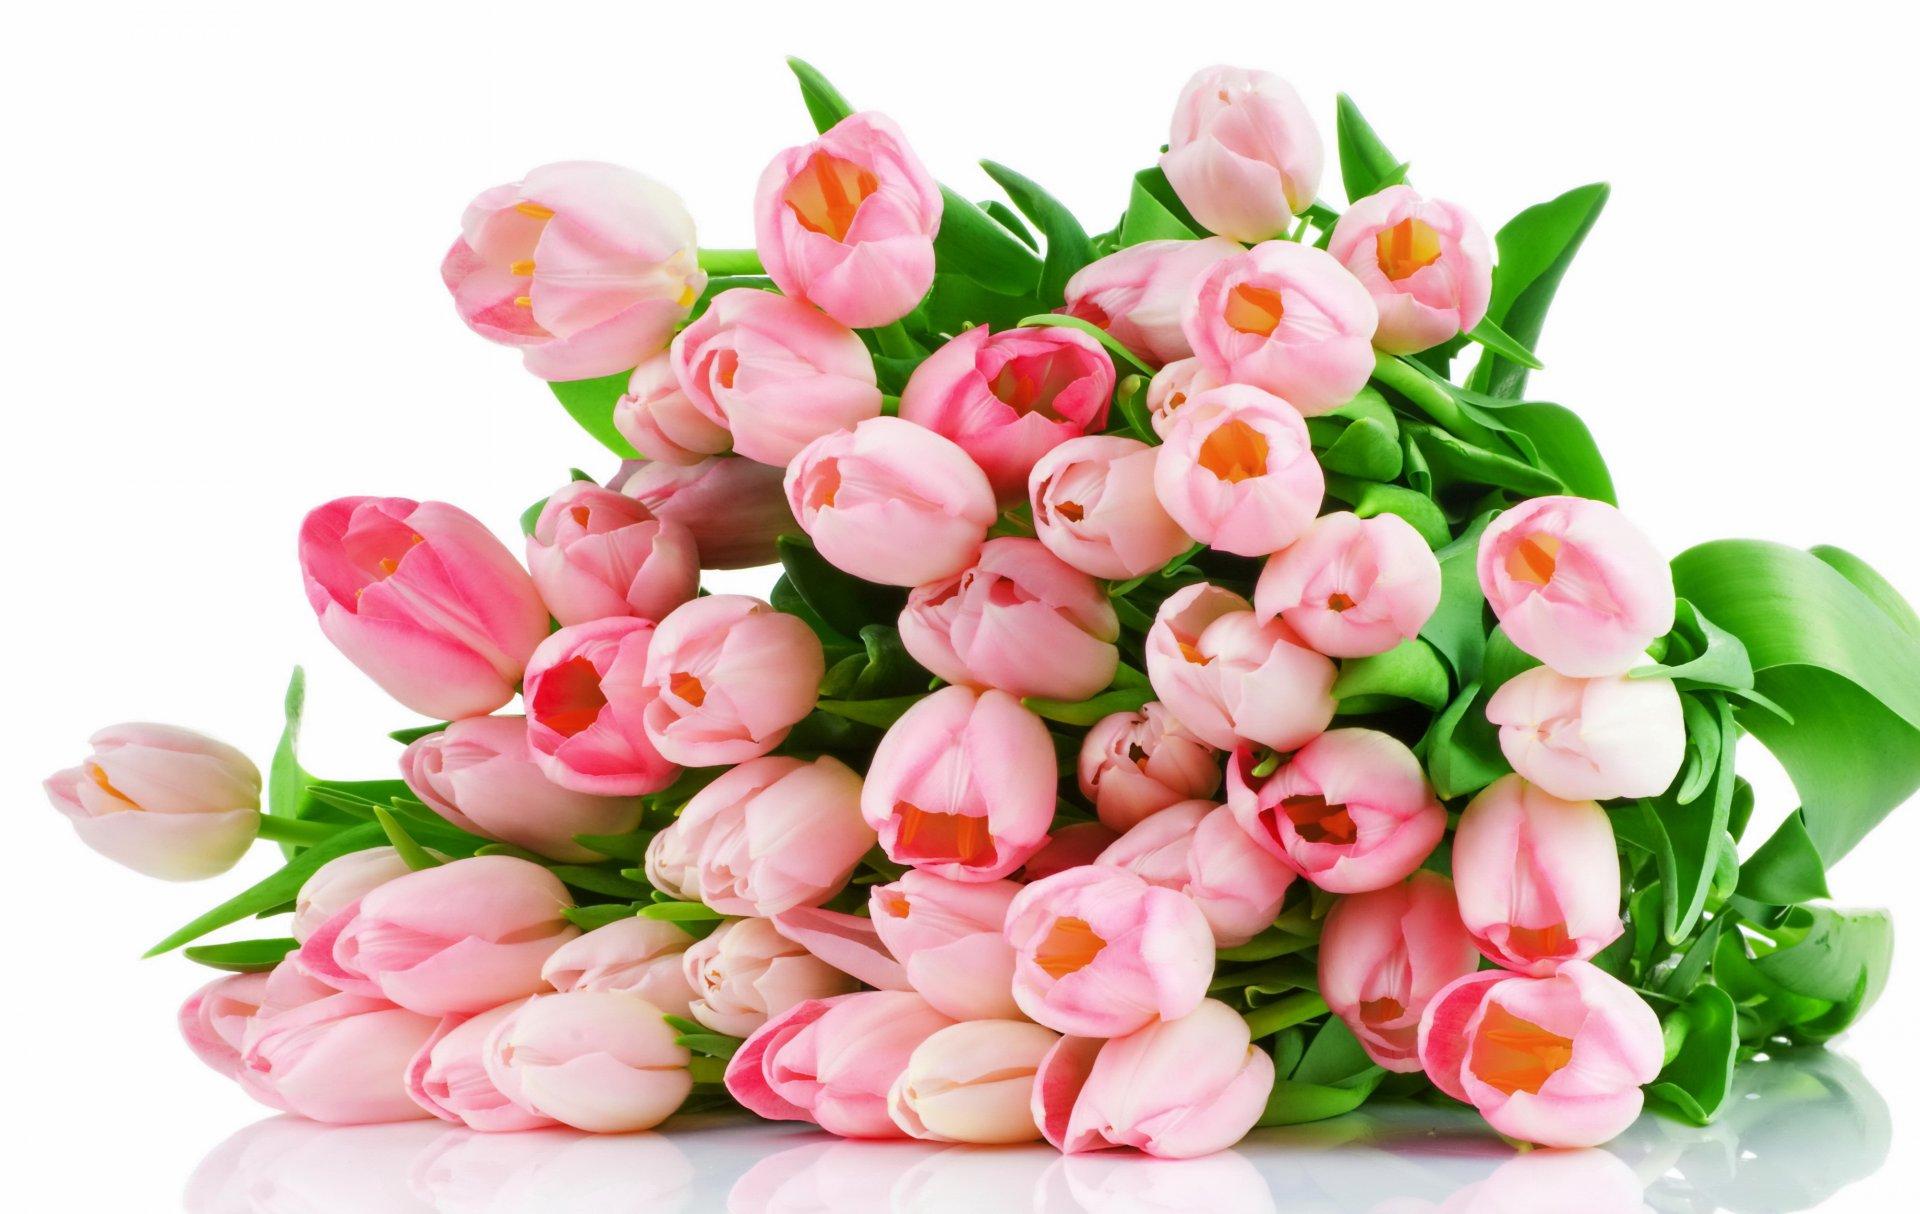 Картинки, картинка цветы на белом фоне для открытки